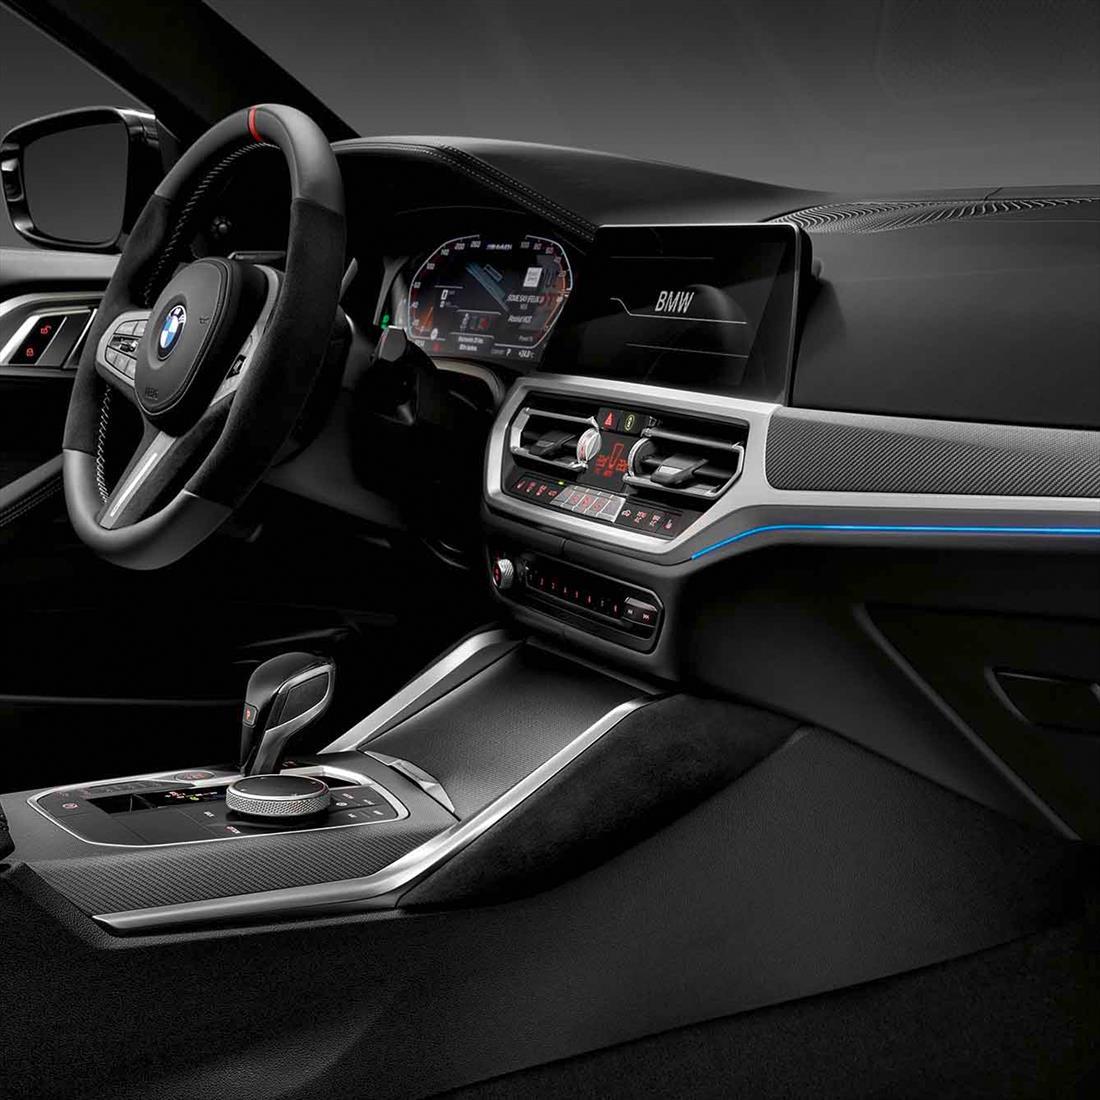 BMW M Performance Interior Trims in Carbon Fiber